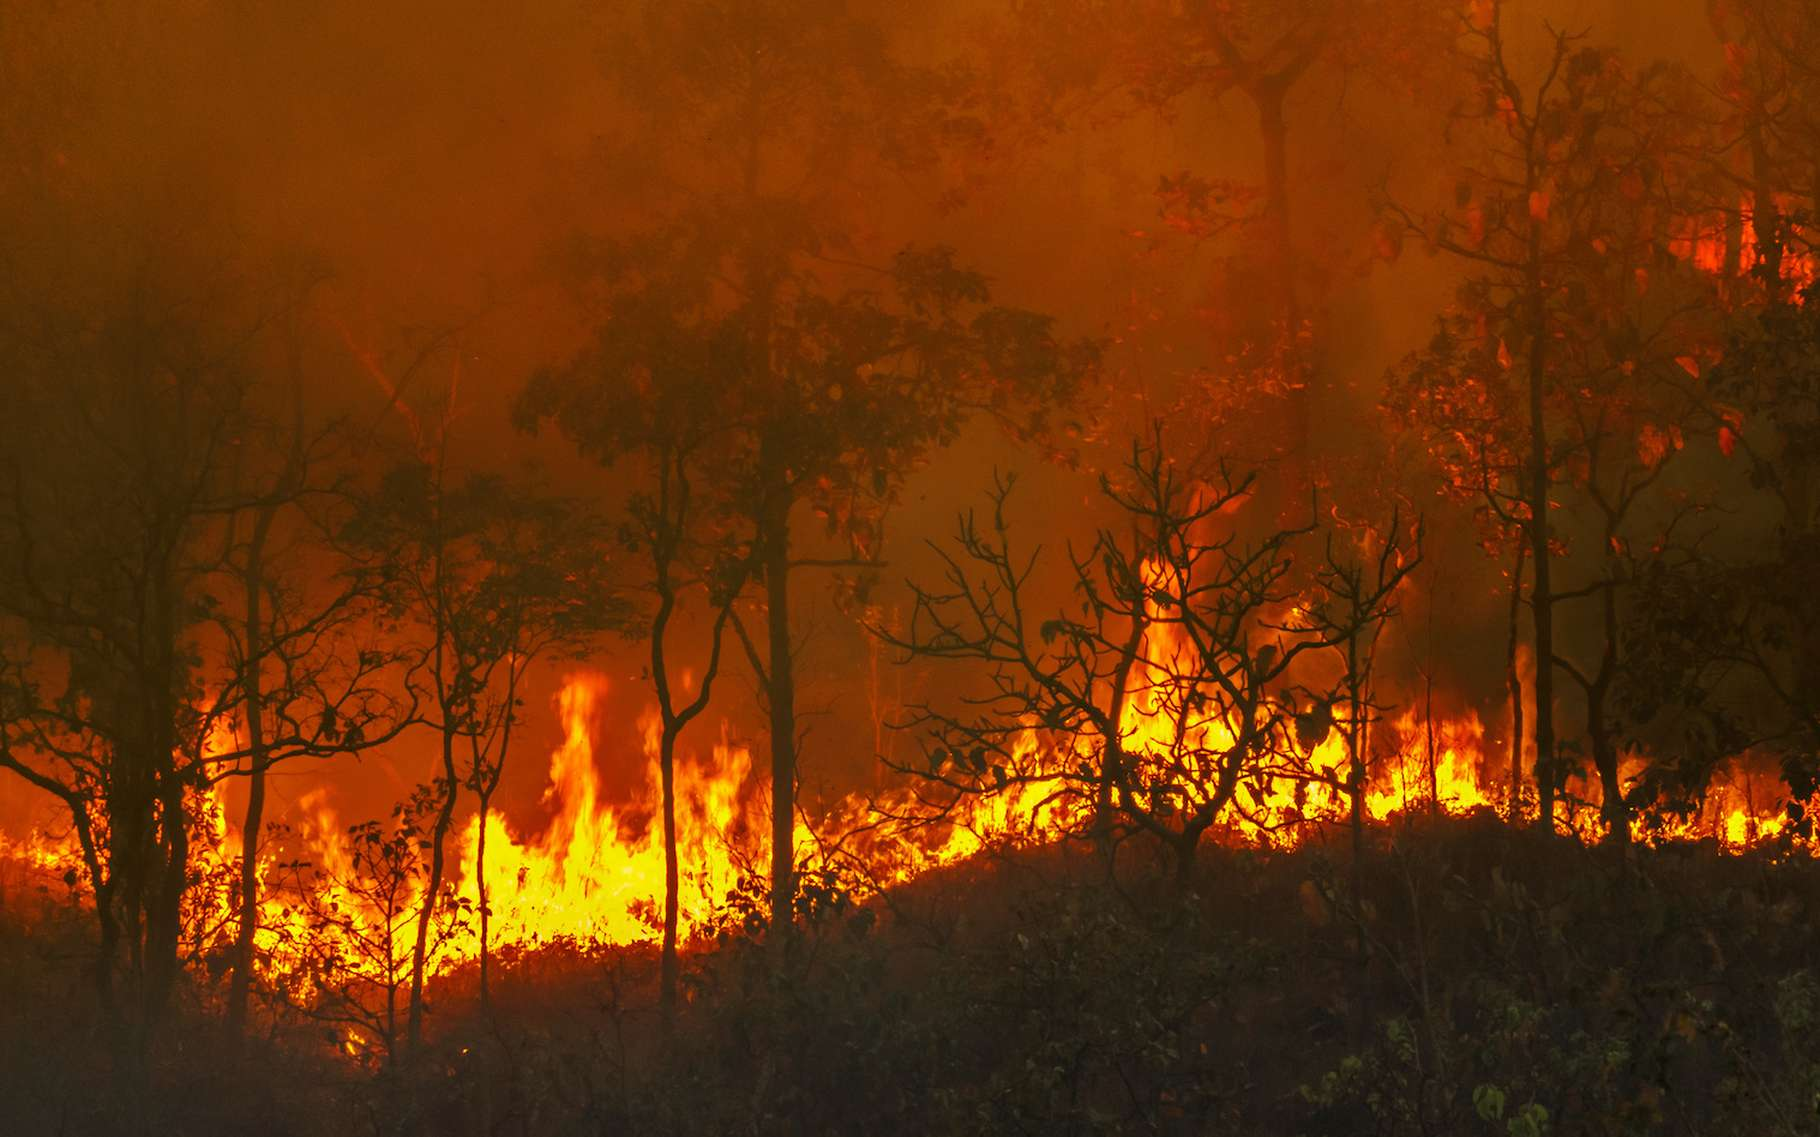 De méga-incendies ravagent la planète. La Nasa suit les fumées qu'ils provoquent grâce à ses satellites. © toa555, Adobe Stock